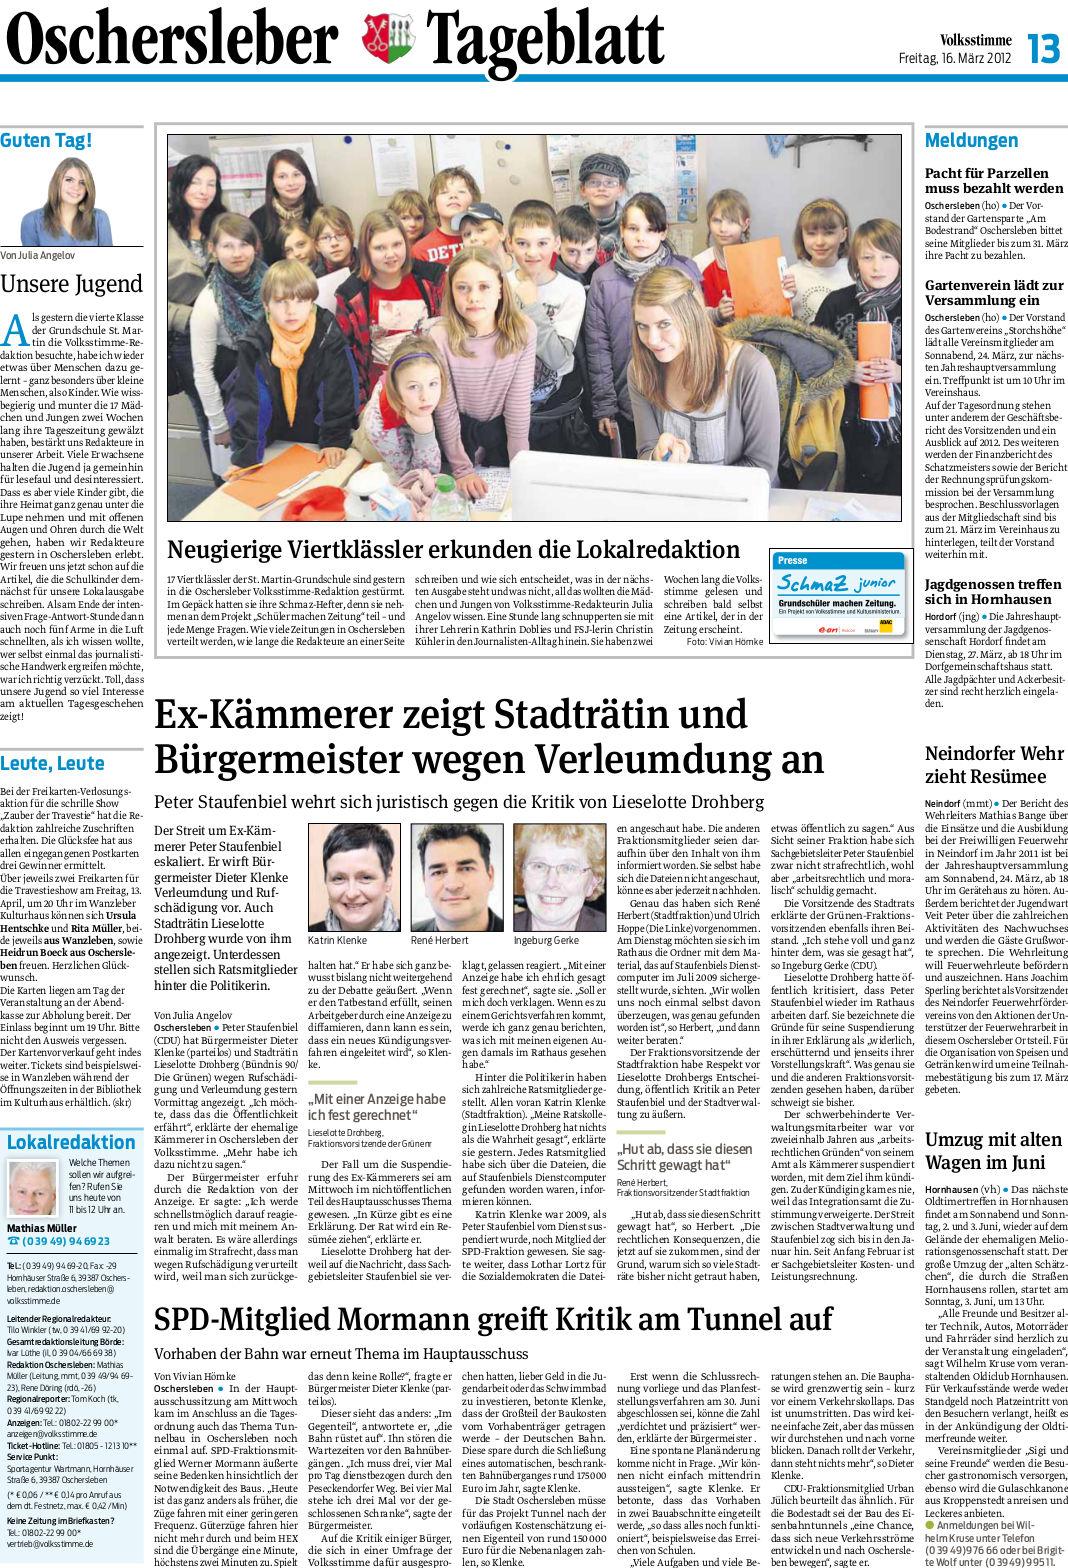 Volksstimme-Artikel über Kämmerer in Oschersleben. Autor: Julia Bruns